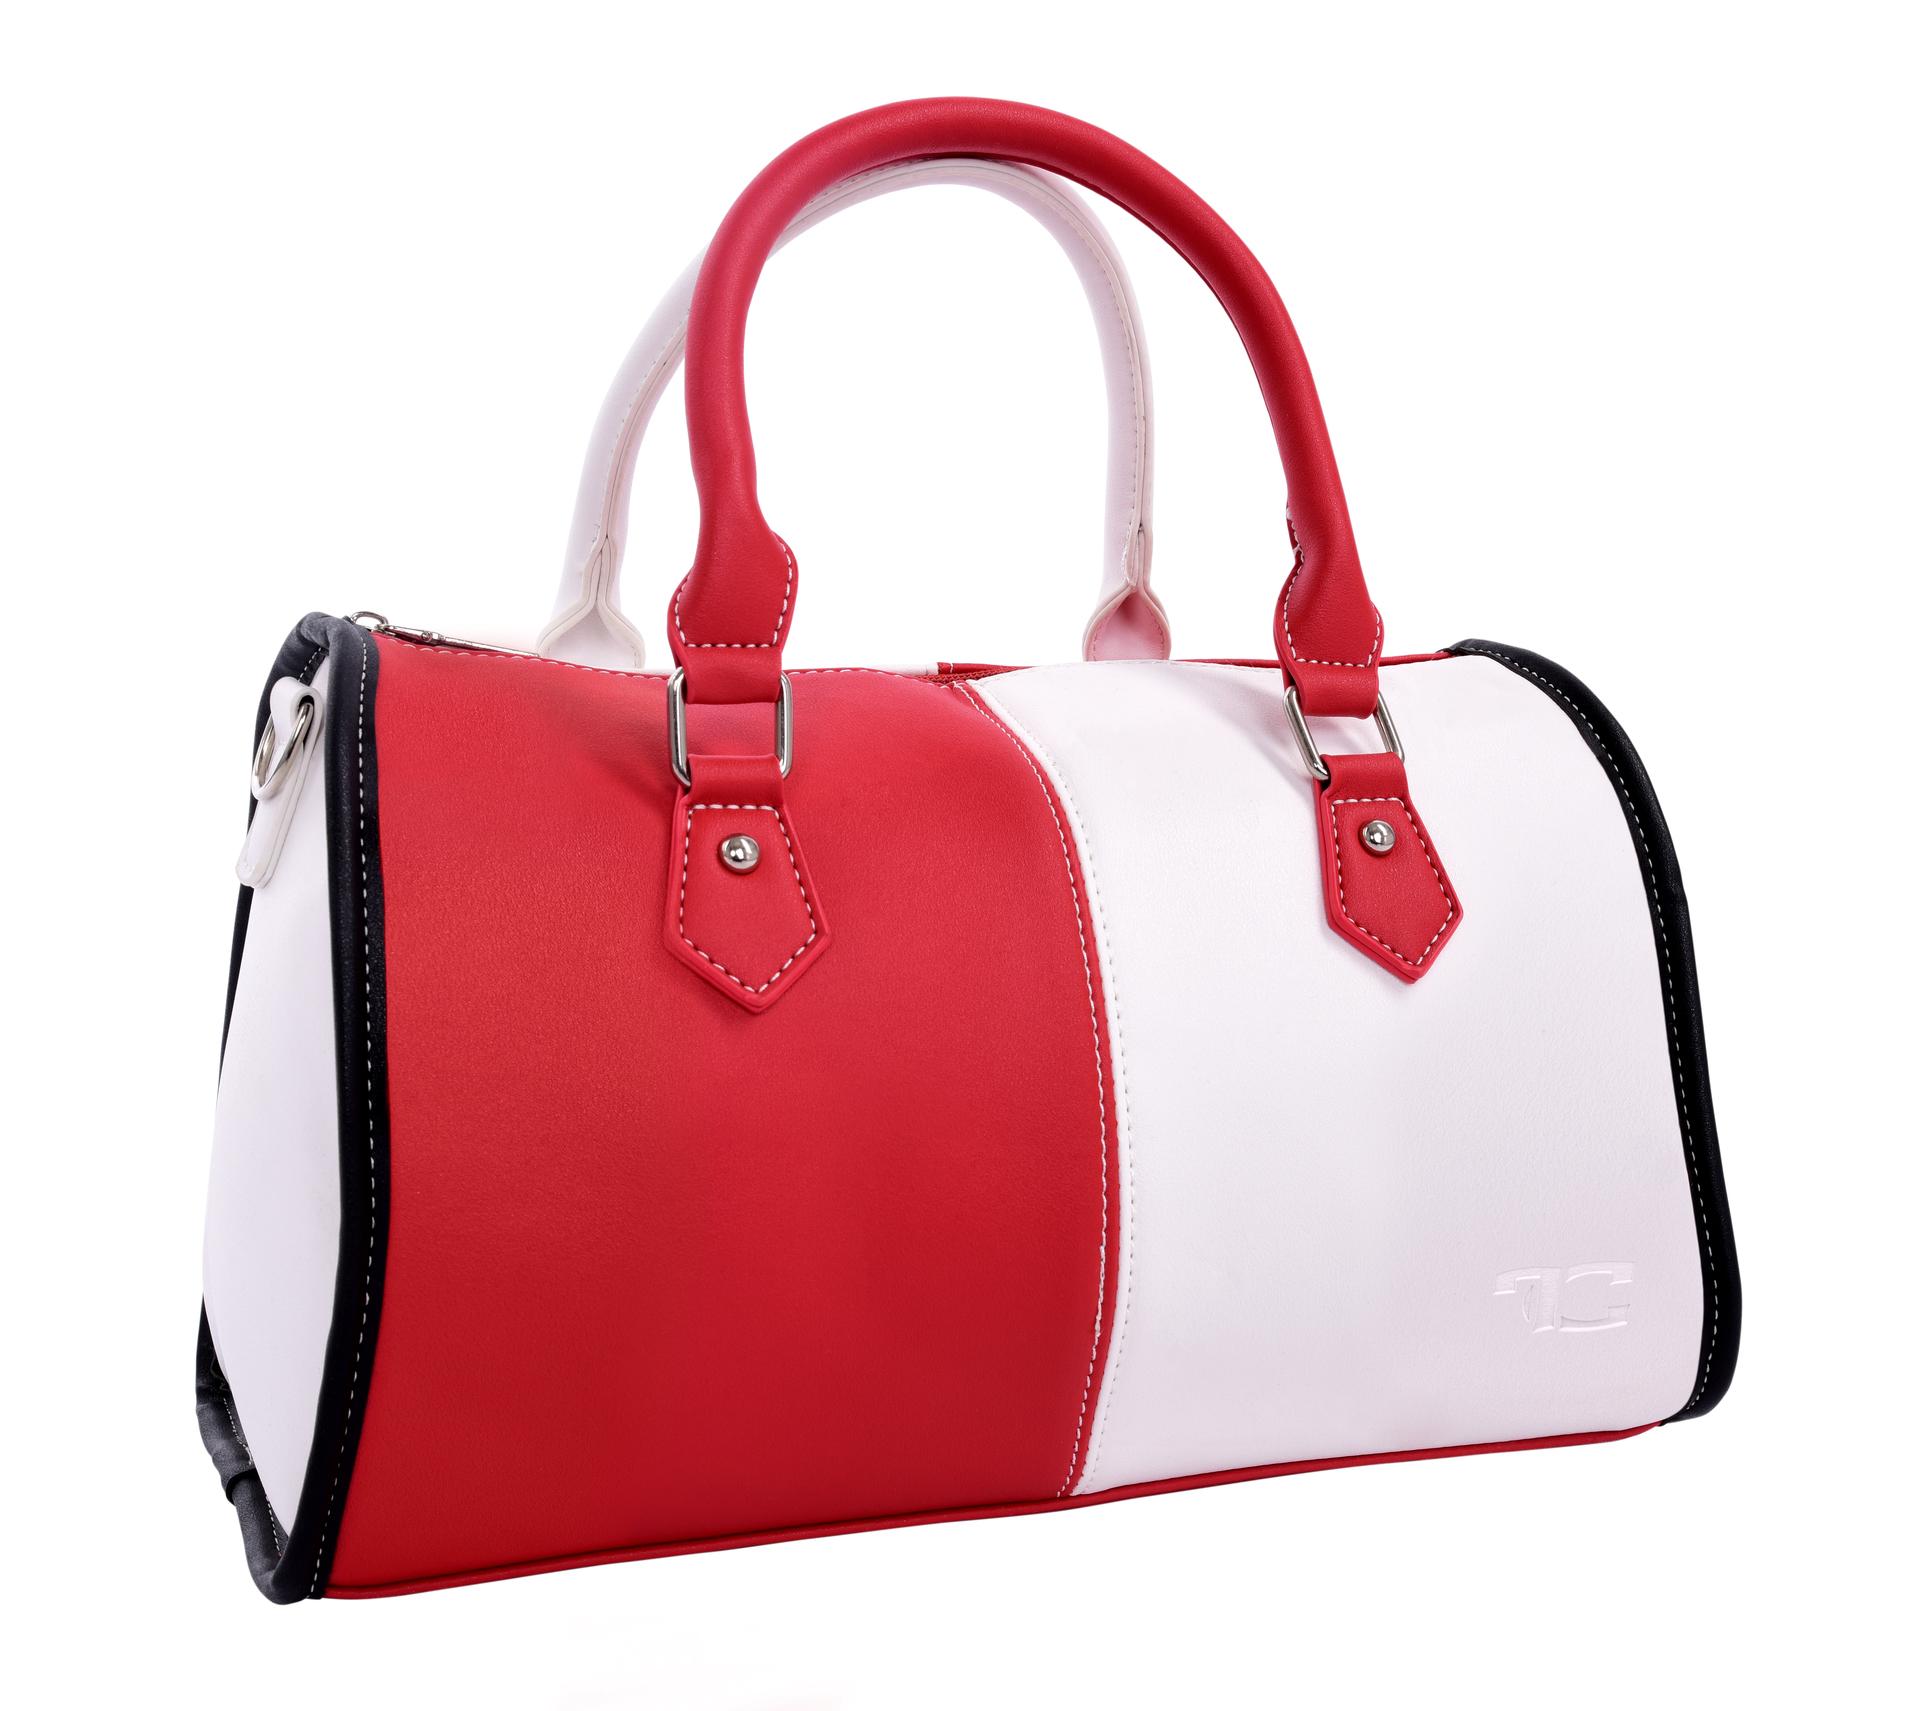 MYSTIQUE kabelka z ekokůže uzavíratelná na zip s pevným dnem červeno-bílá